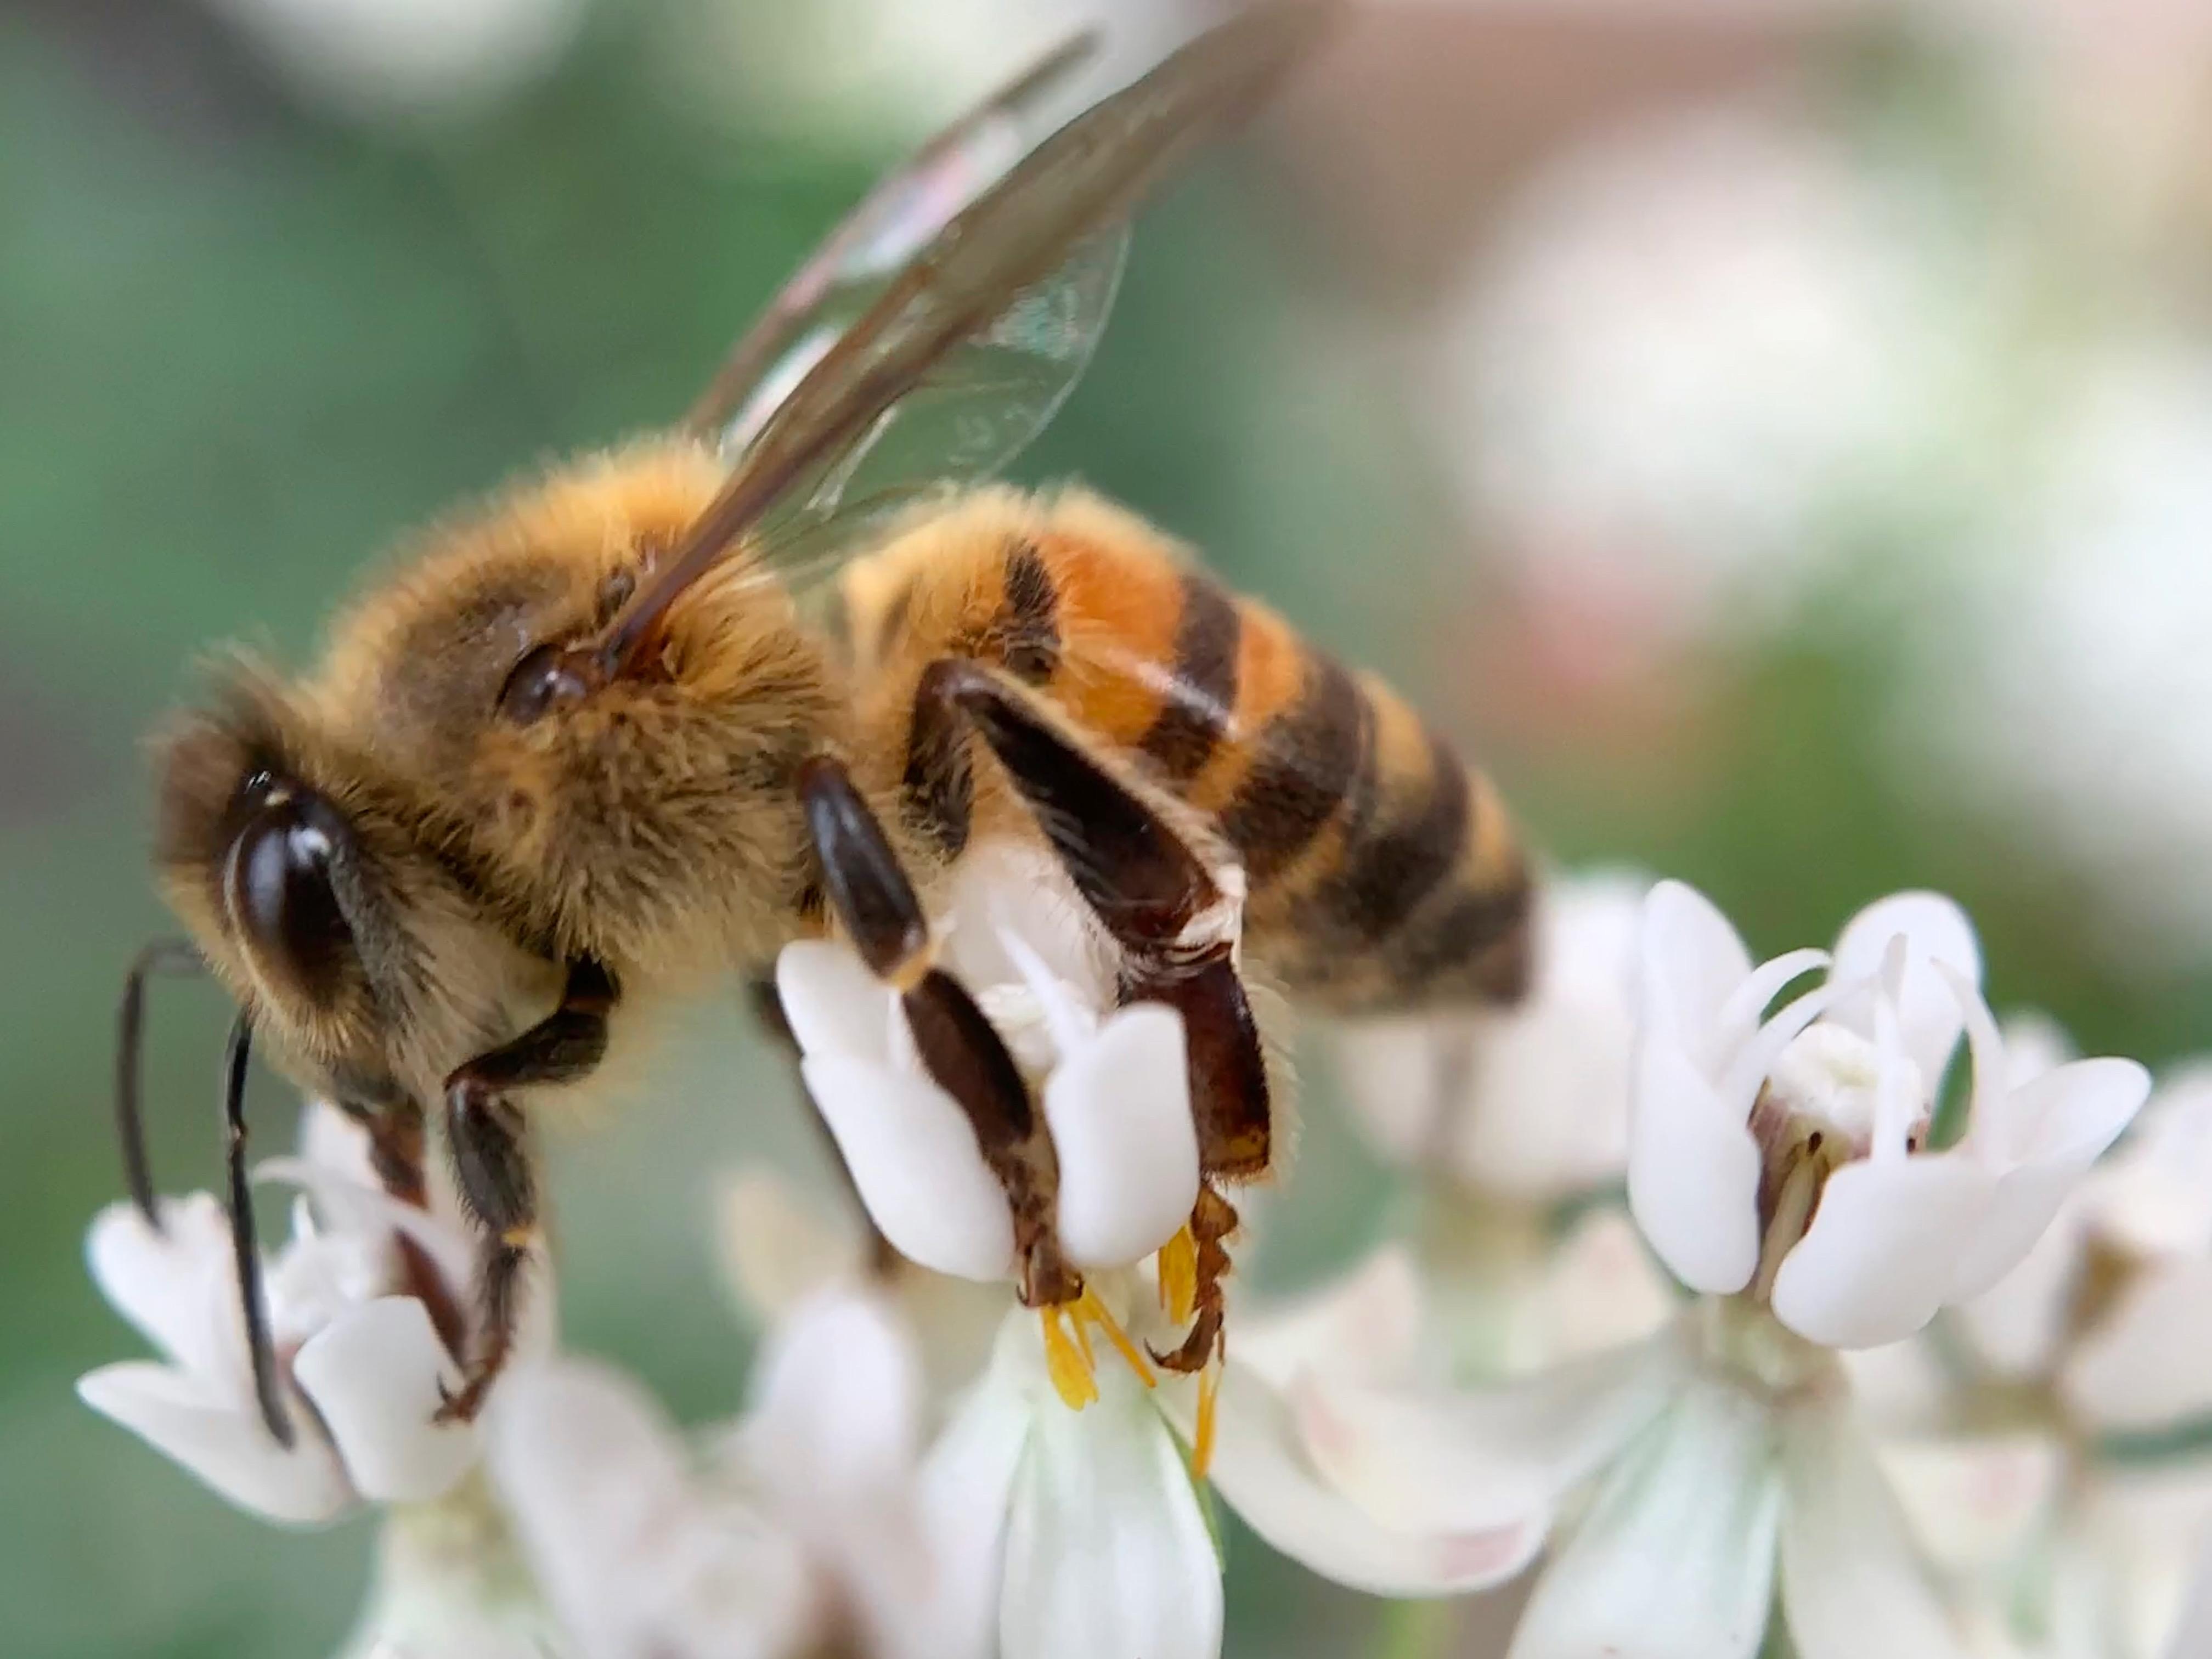 Western honey bee pollinating Arizona milkweed